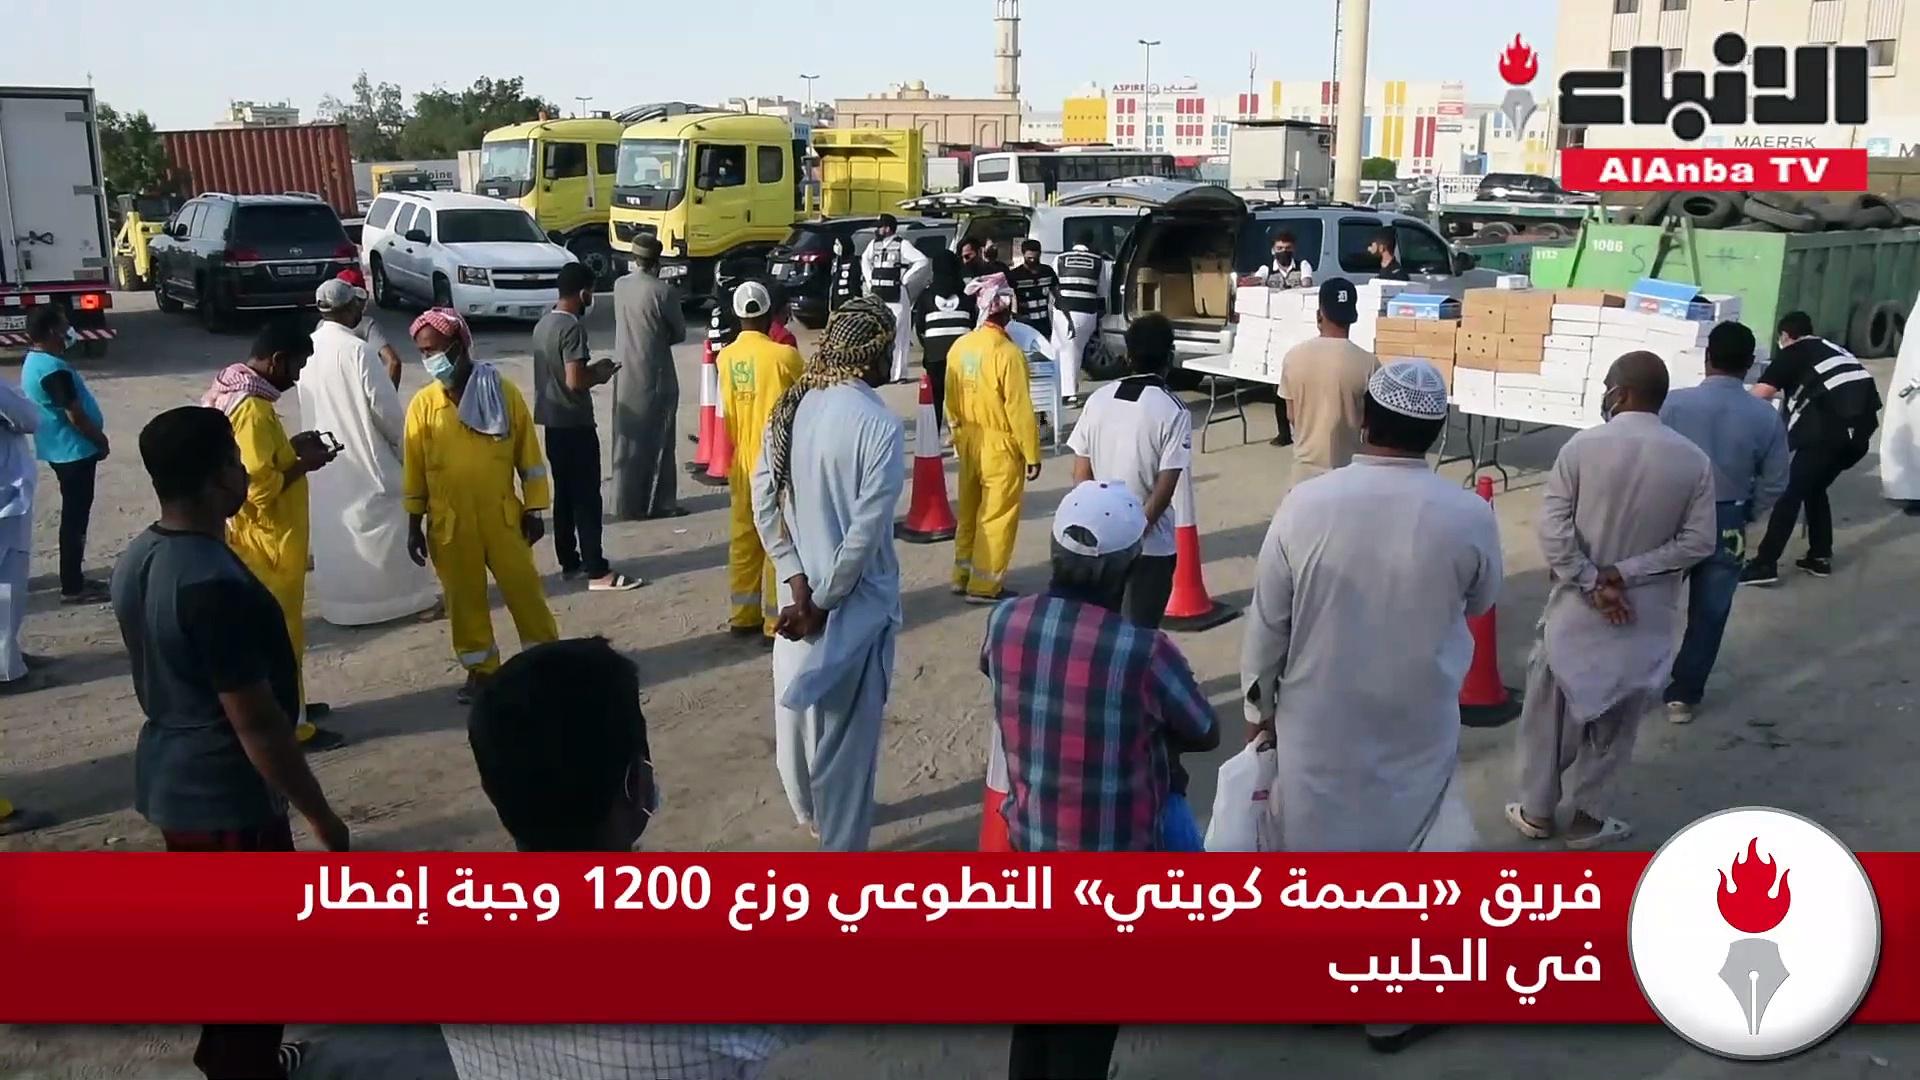 فريق «بصمة كويتي» التطوعي وزع 1200 وجبة إفطار في الجليب